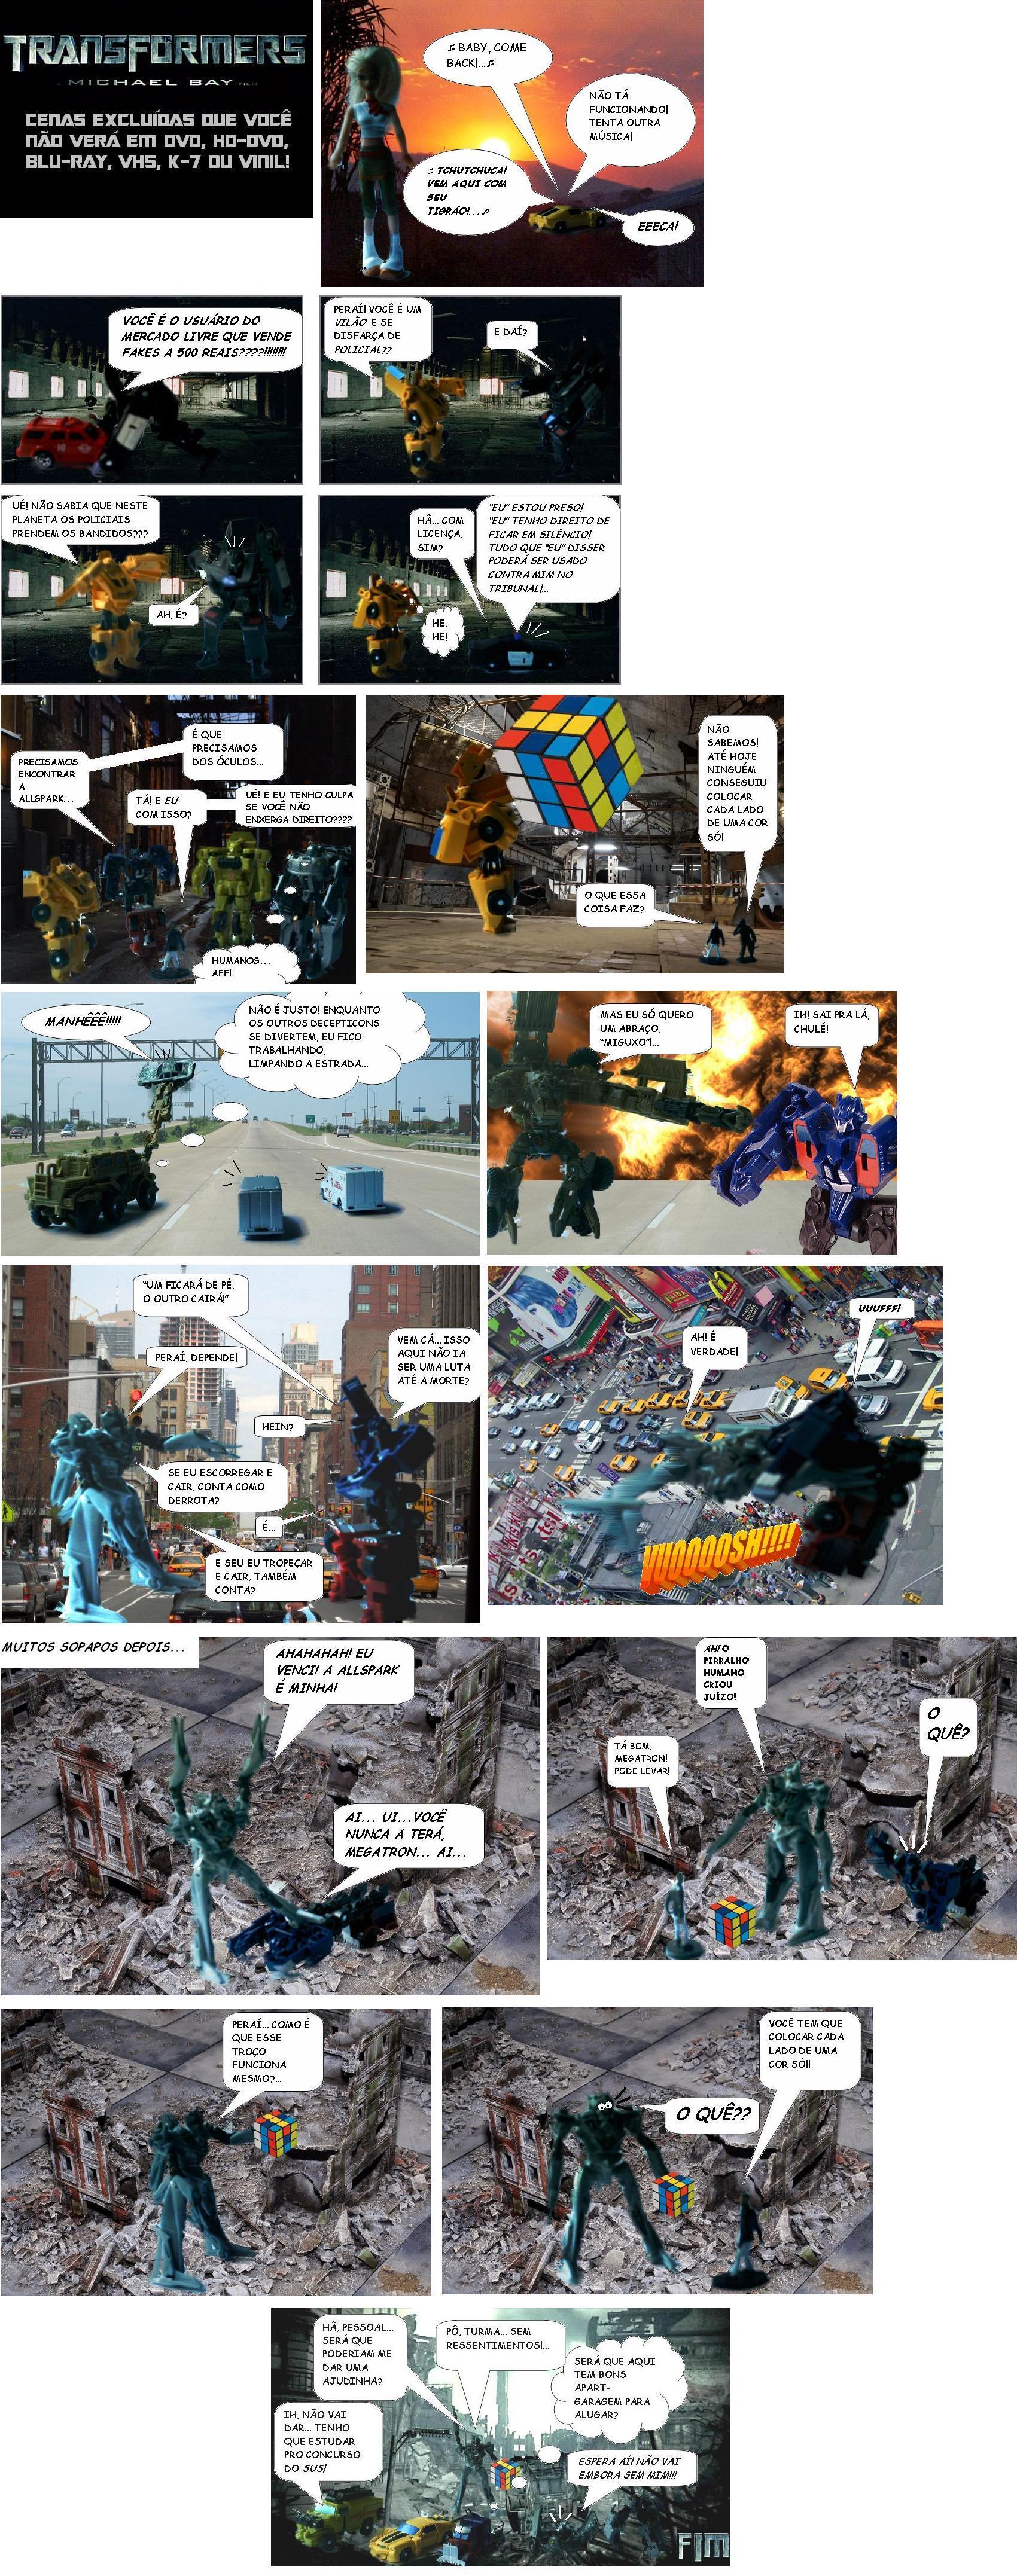 Transformers o filme 2007 by Galvamaximus